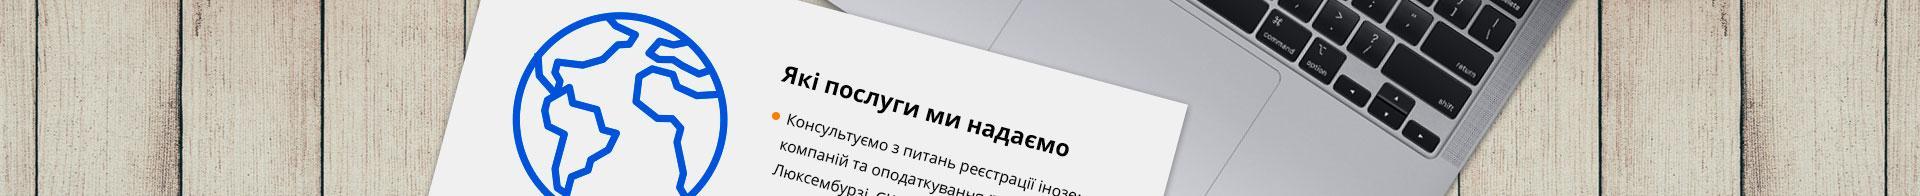 Реєстрація IT-компаній за кордоном  icon